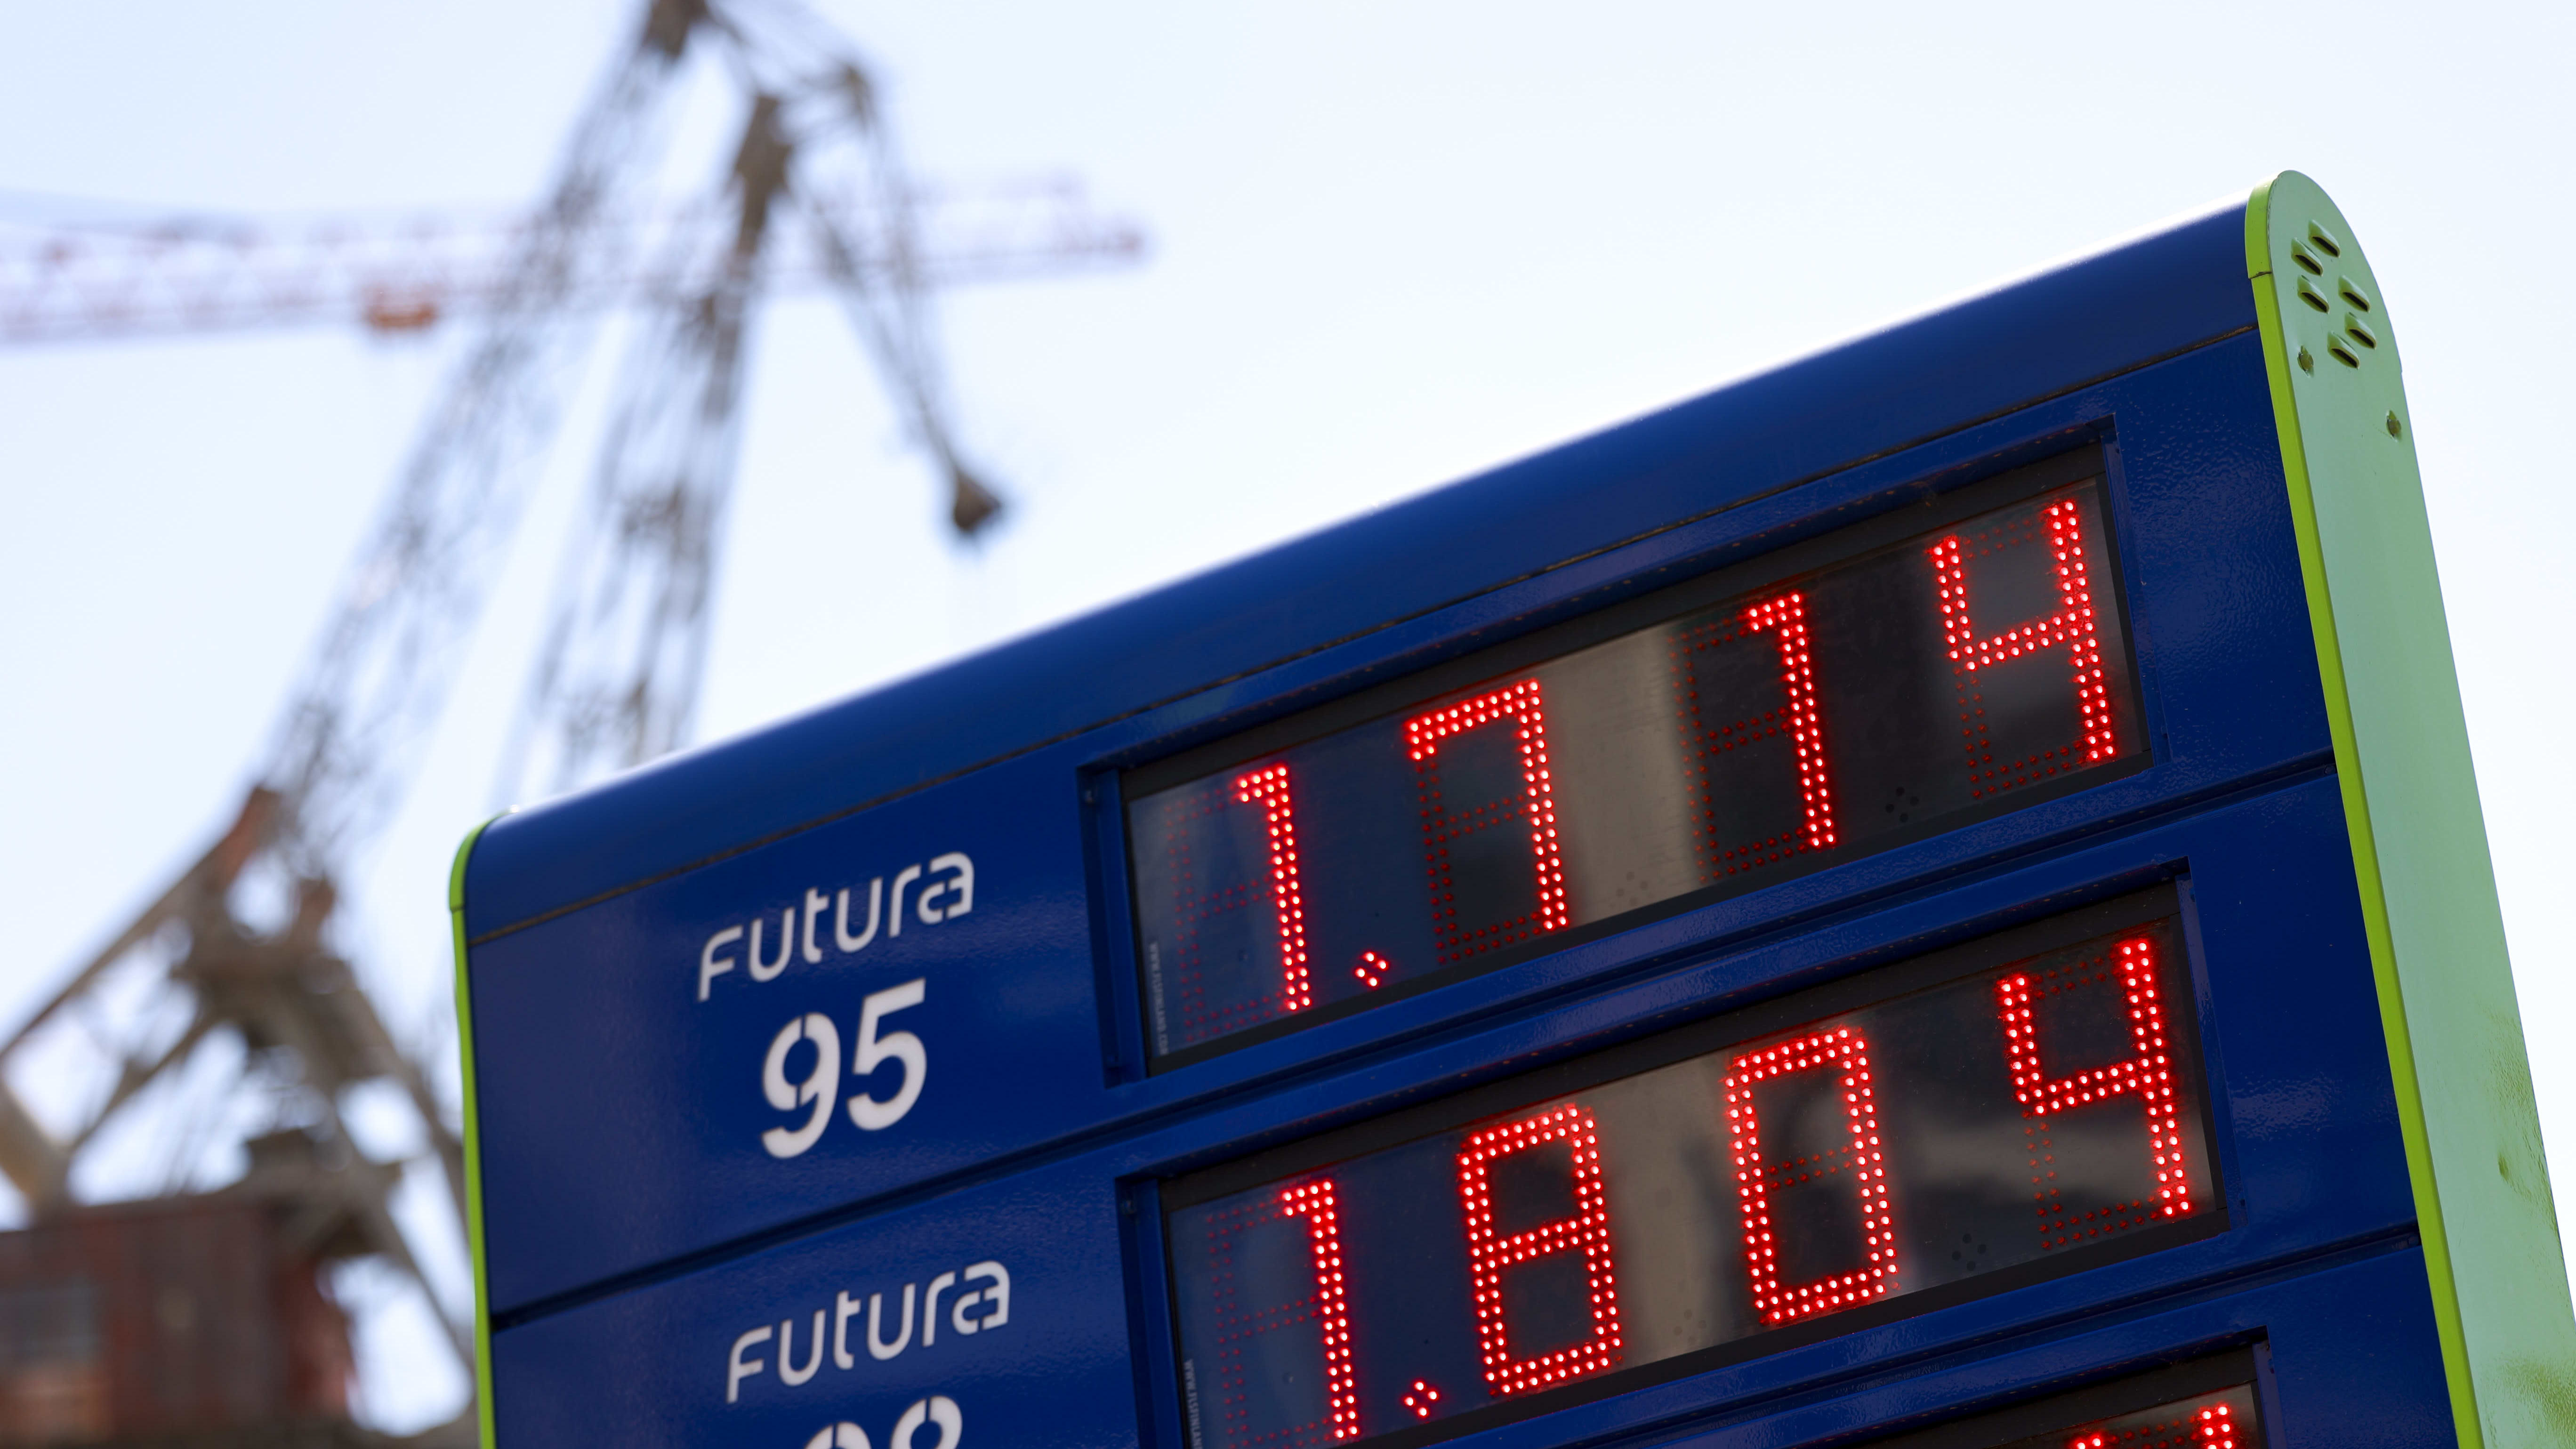 Polttoaineen hinnat huoltoaseman kyltissä.